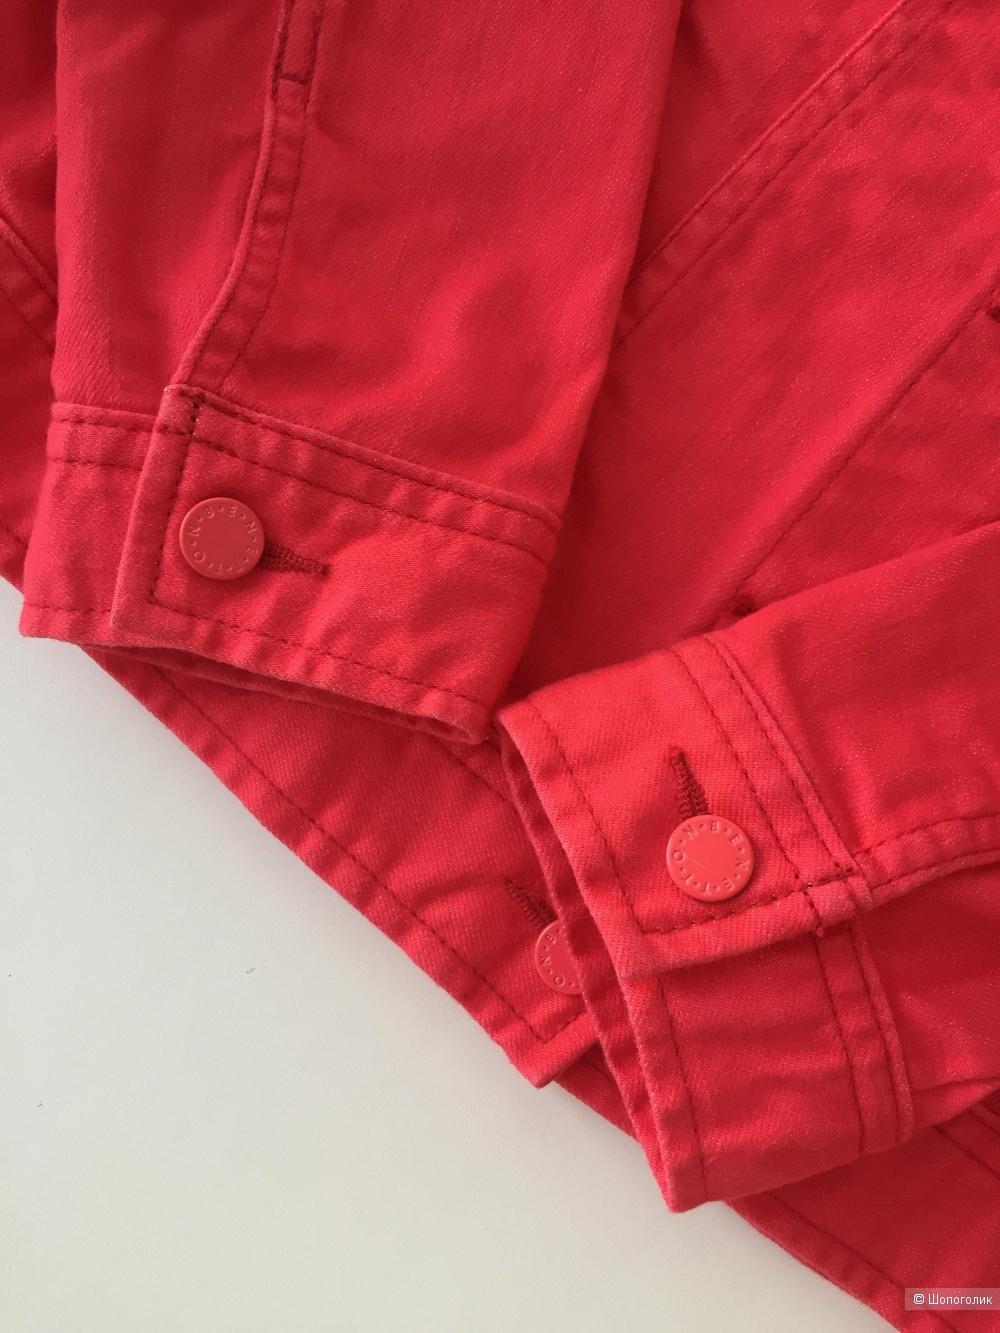 Куртка джинсовая Banetton, детский XXL/160/76 (11-12 лет)